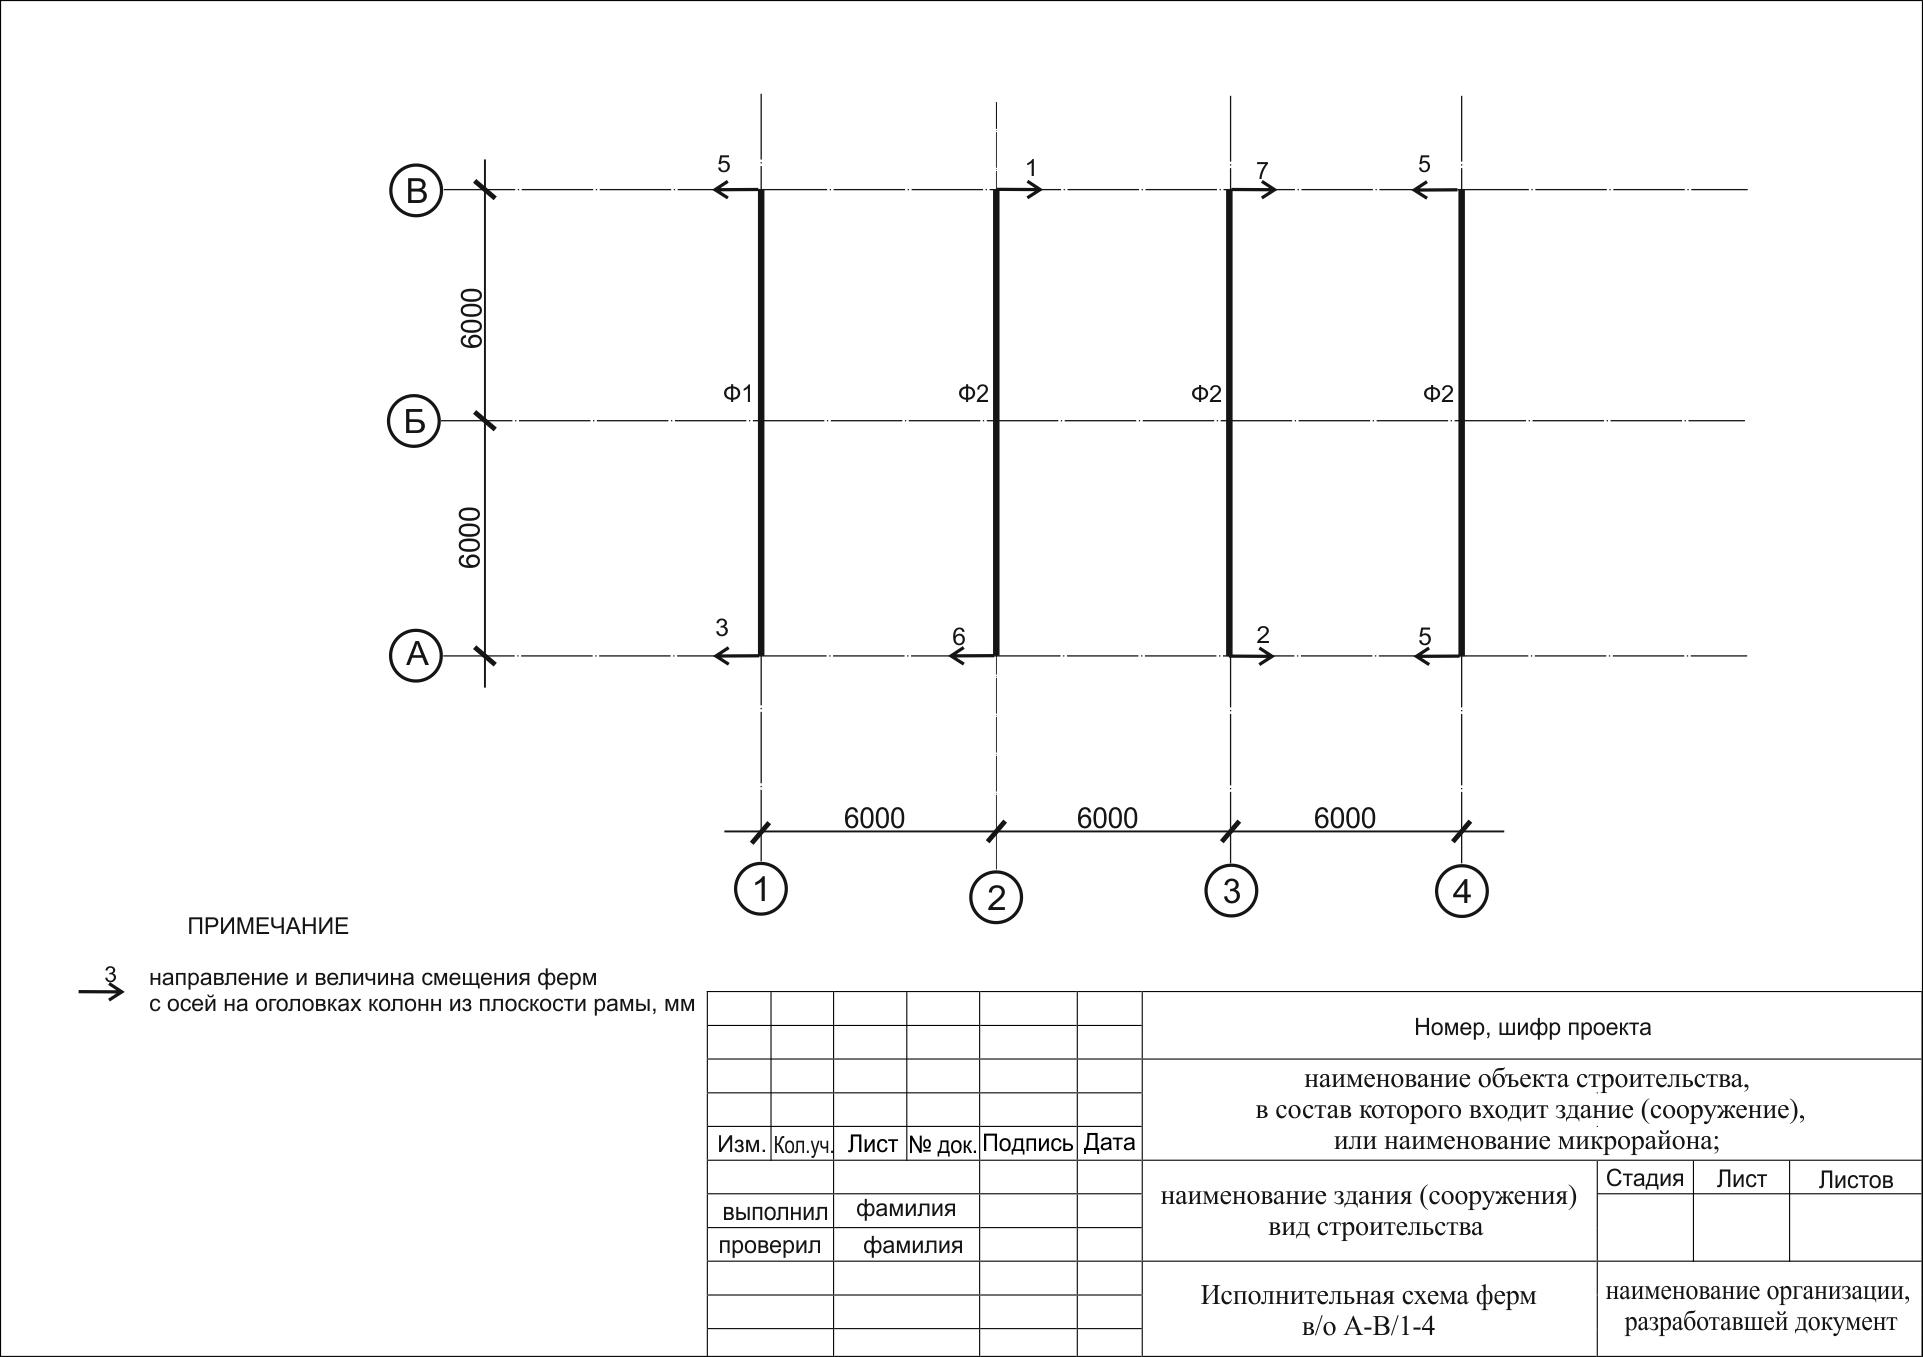 Исполнительные схемы по элементам и частям здания